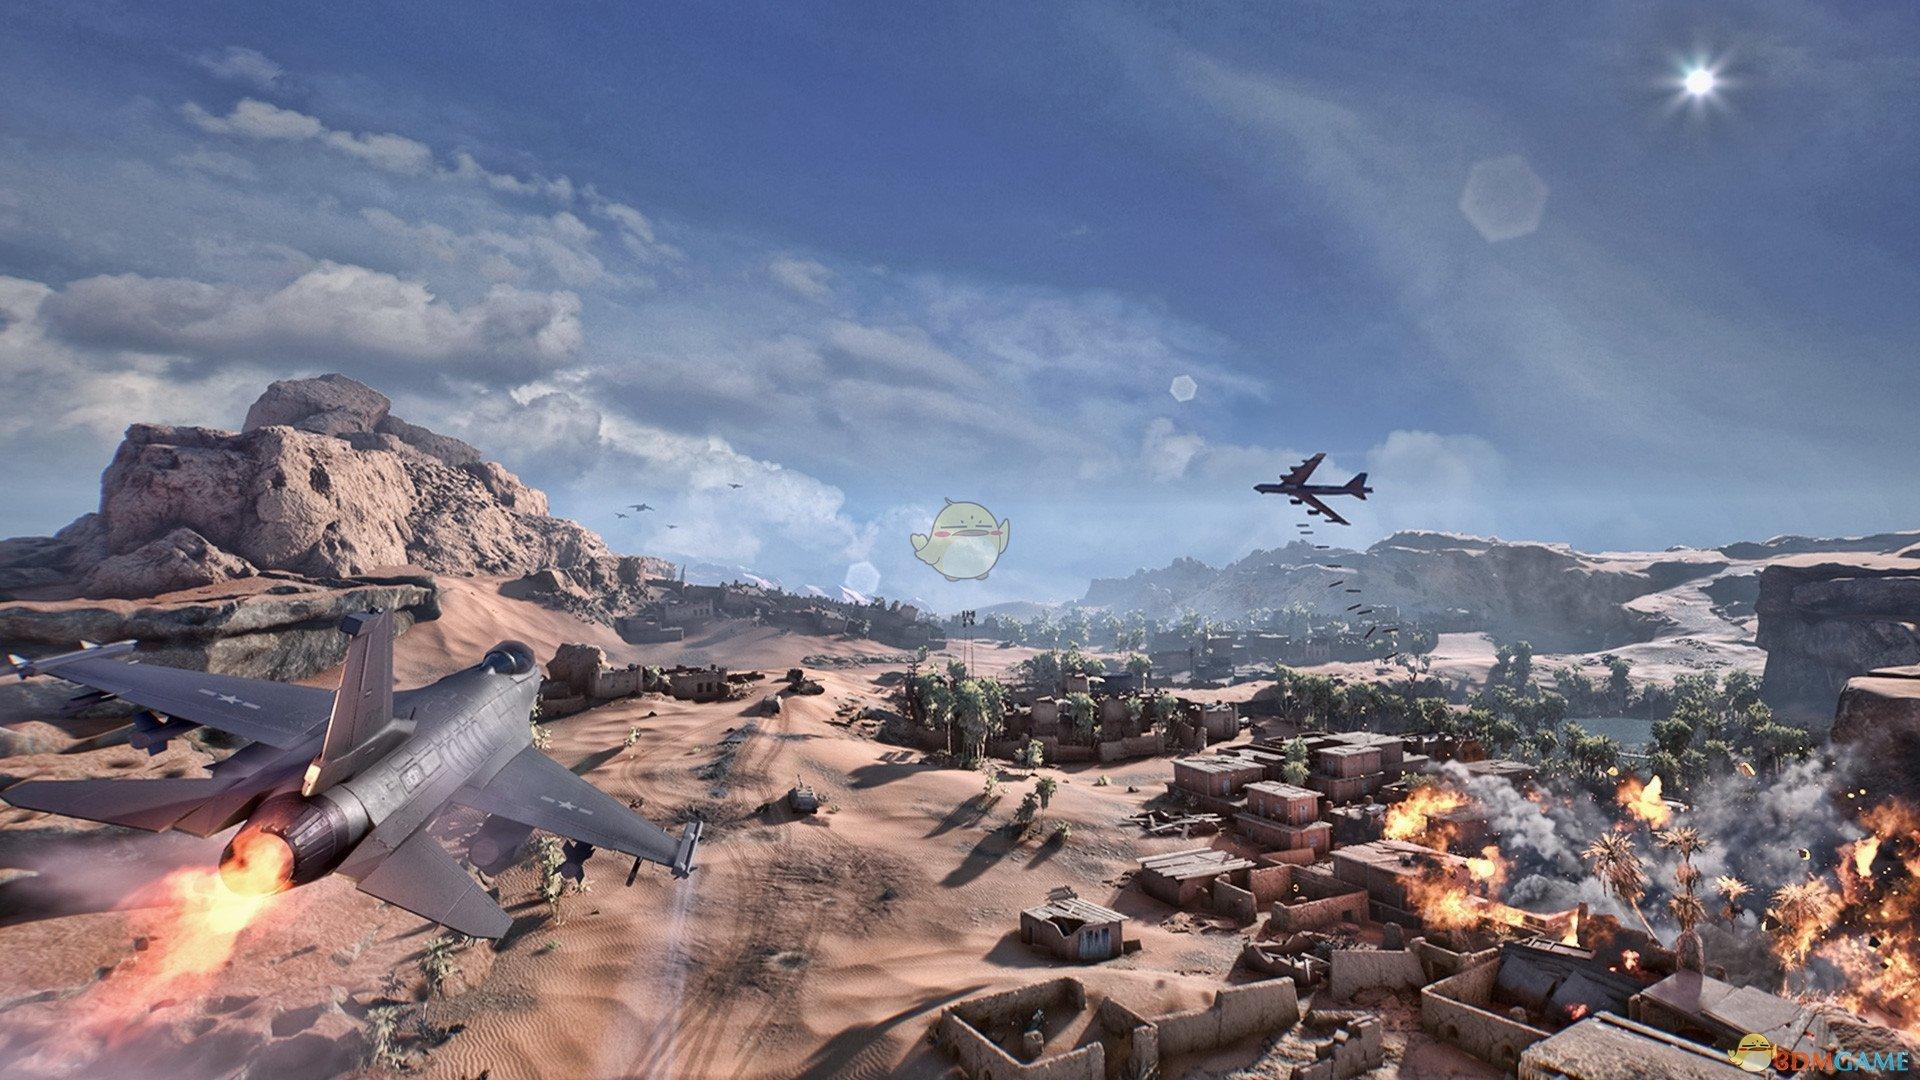 《烈火战马》游戏特色内容介绍